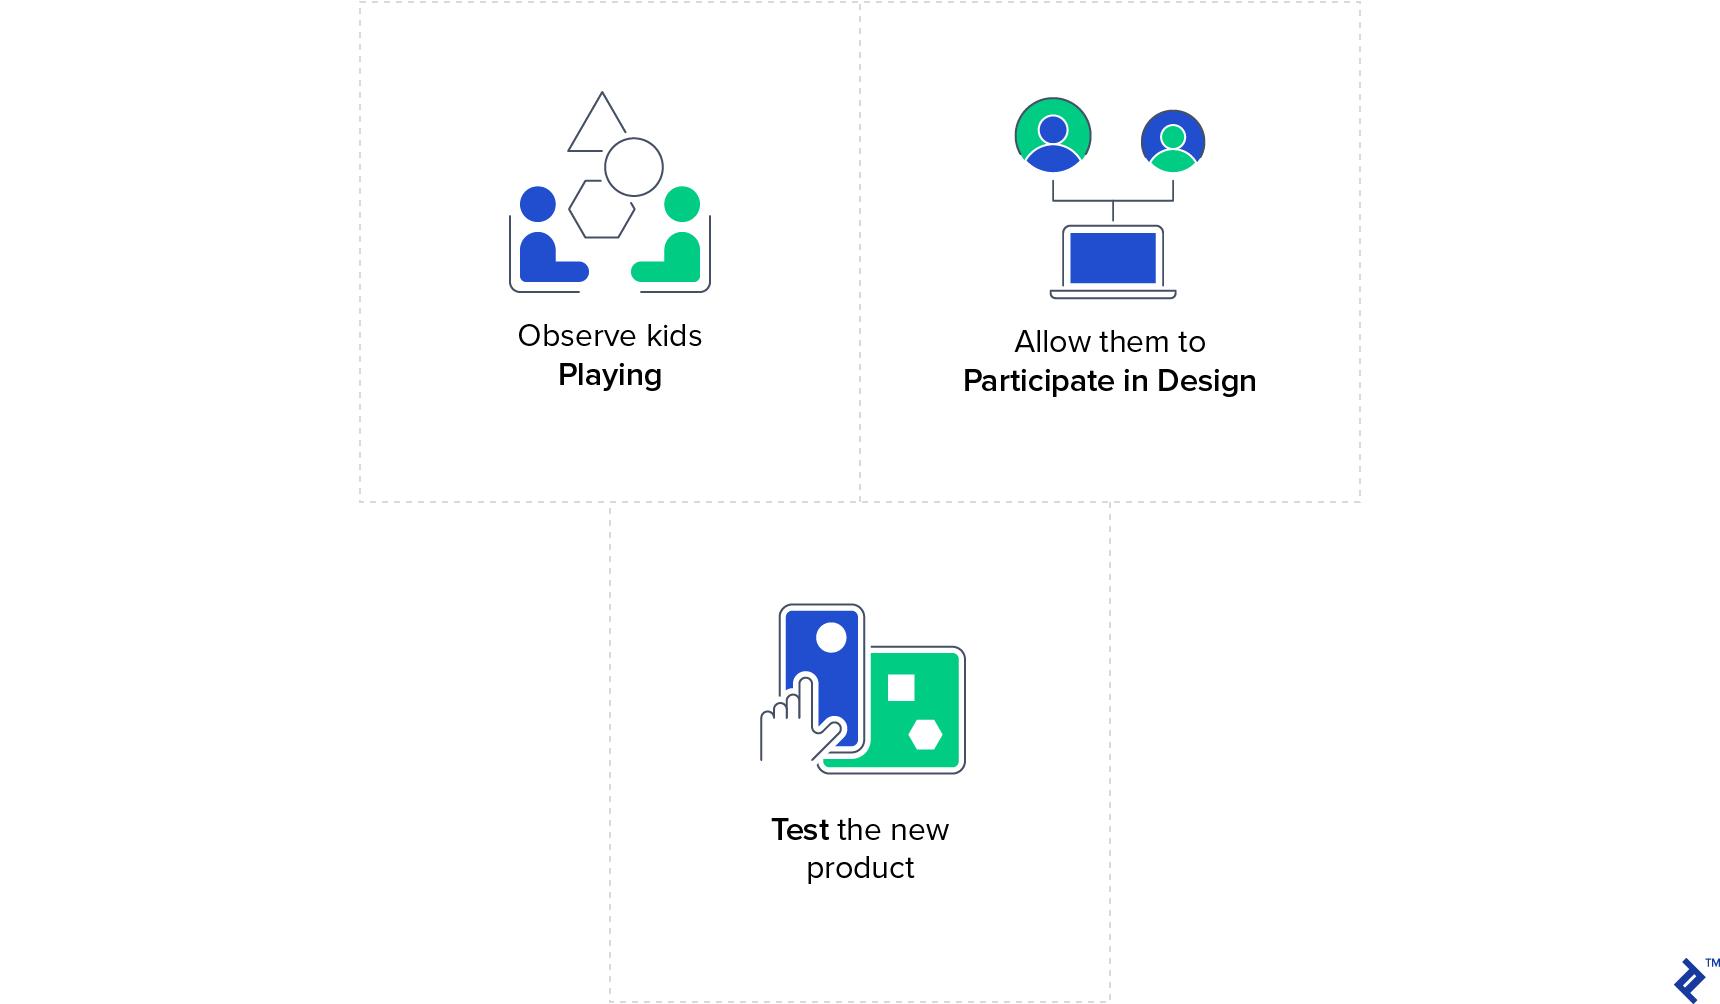 Développement d'applications pour les enfants